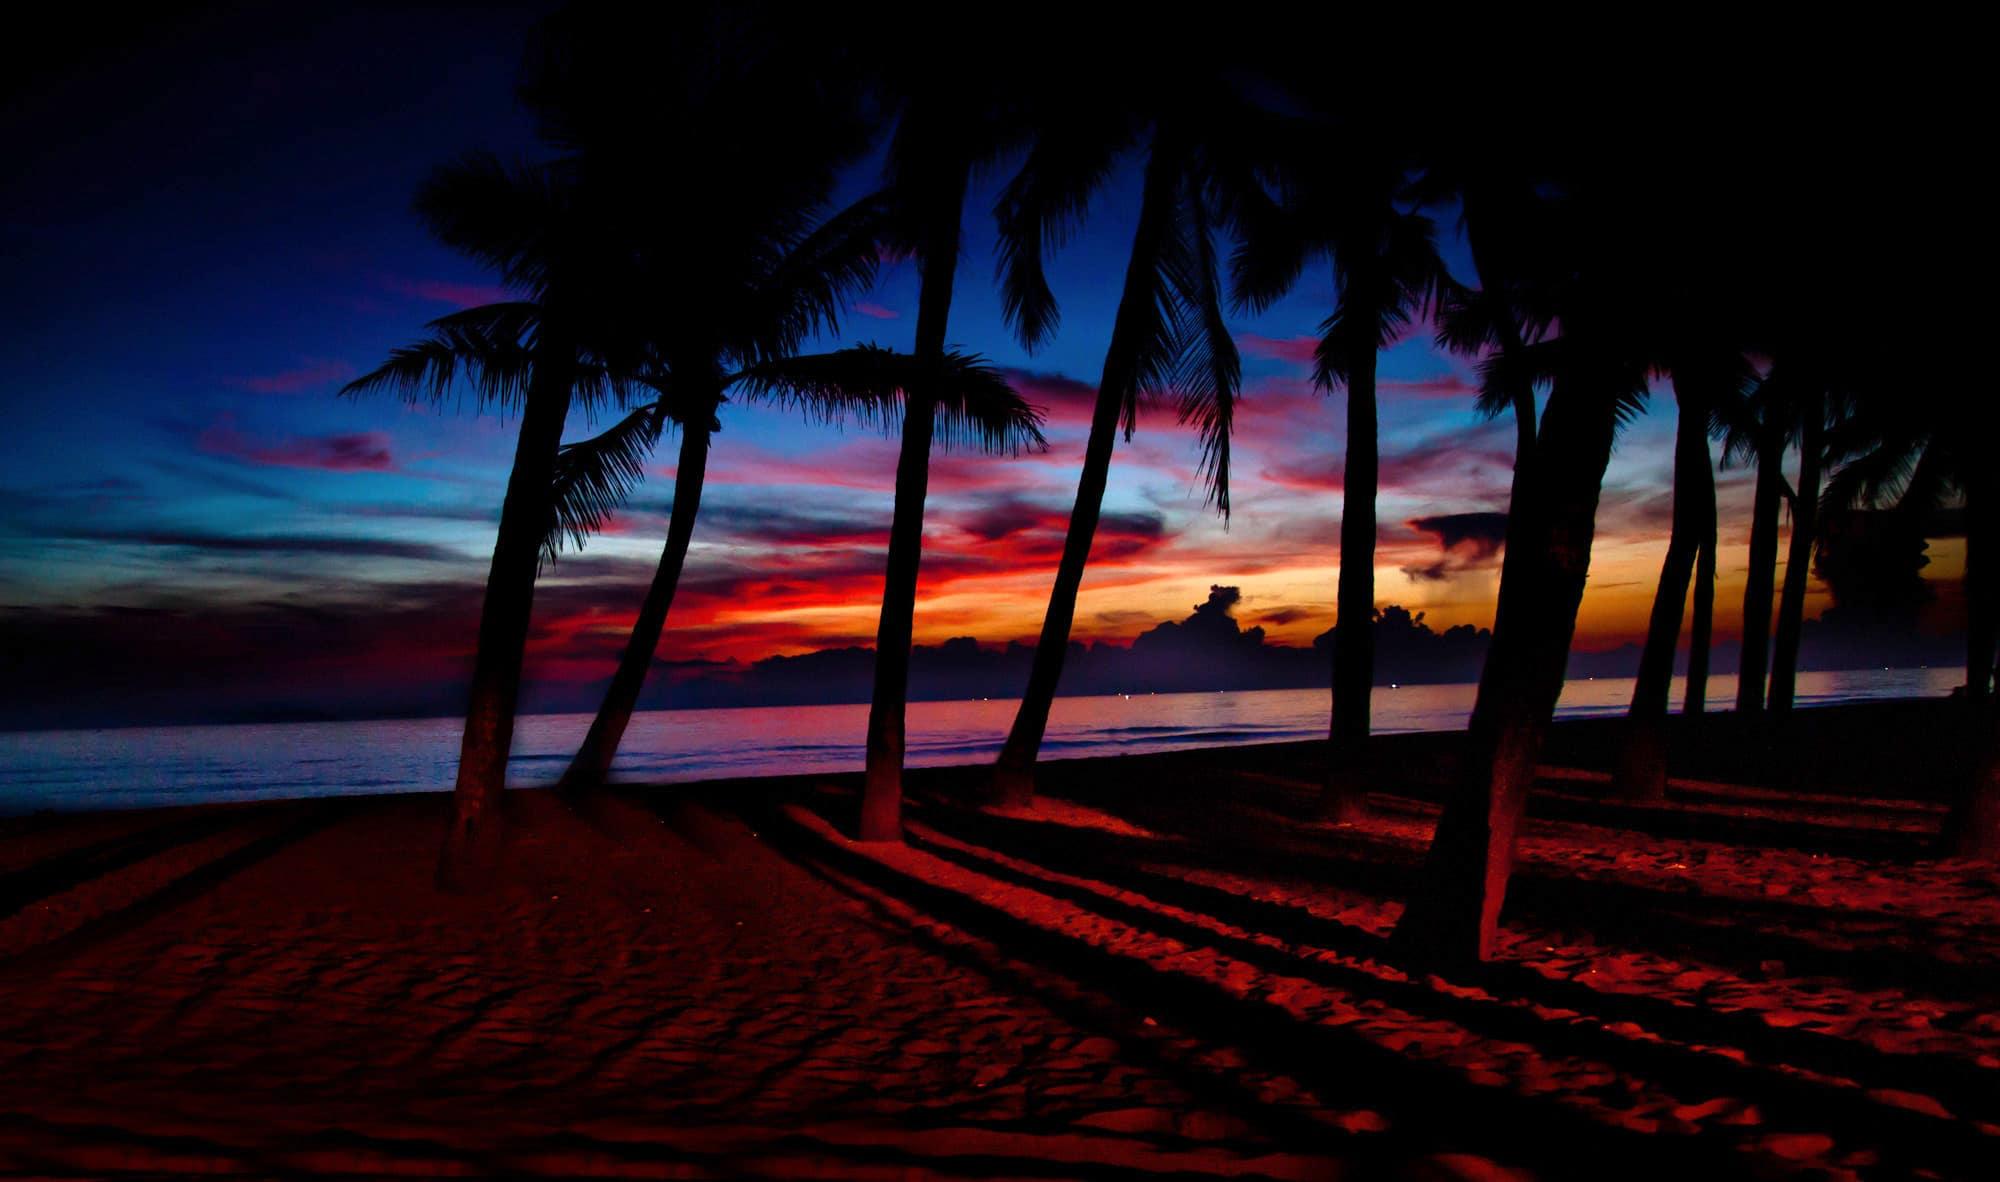 Cua-dai-Beach hoi an